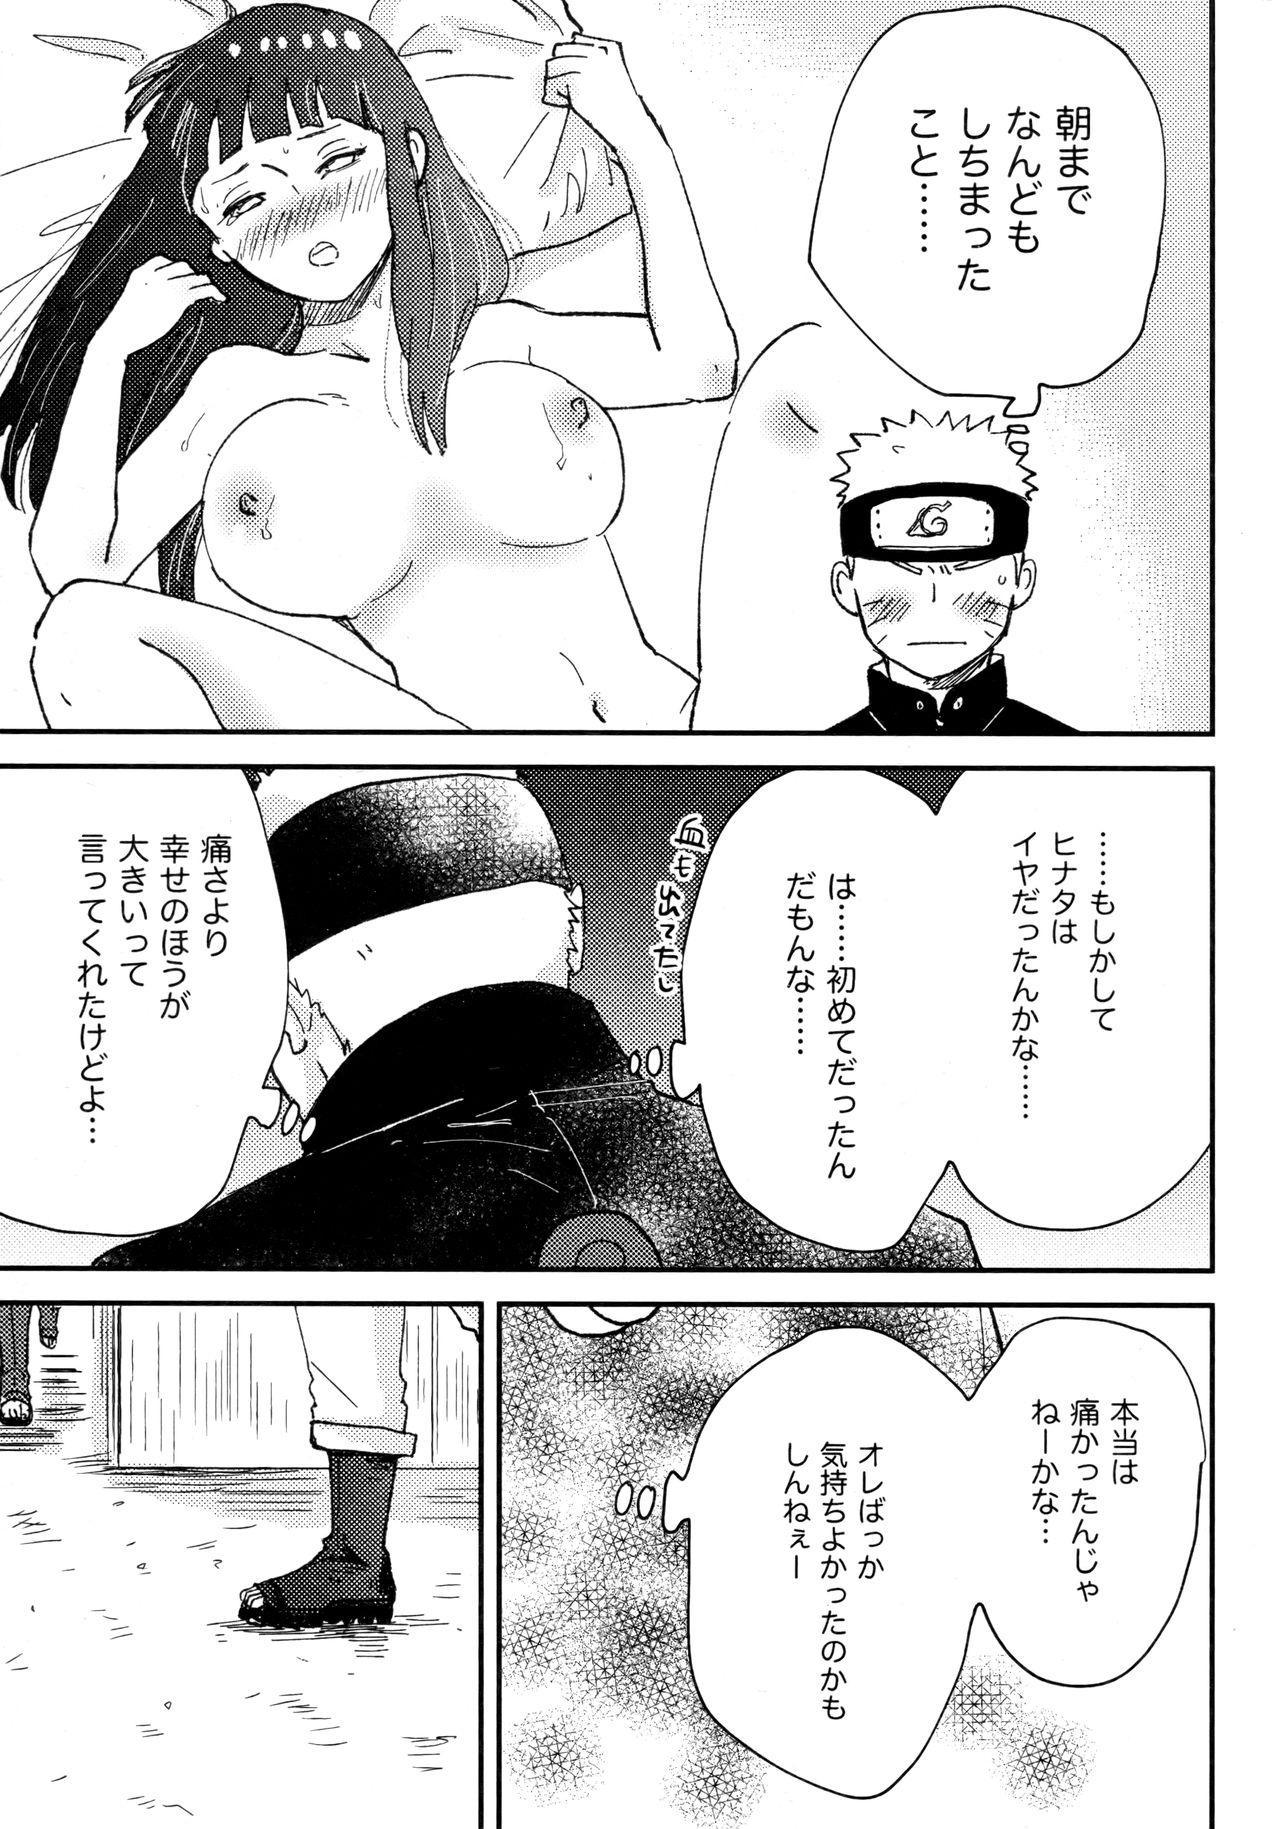 Koiwo Shiteiru Karada 3 7